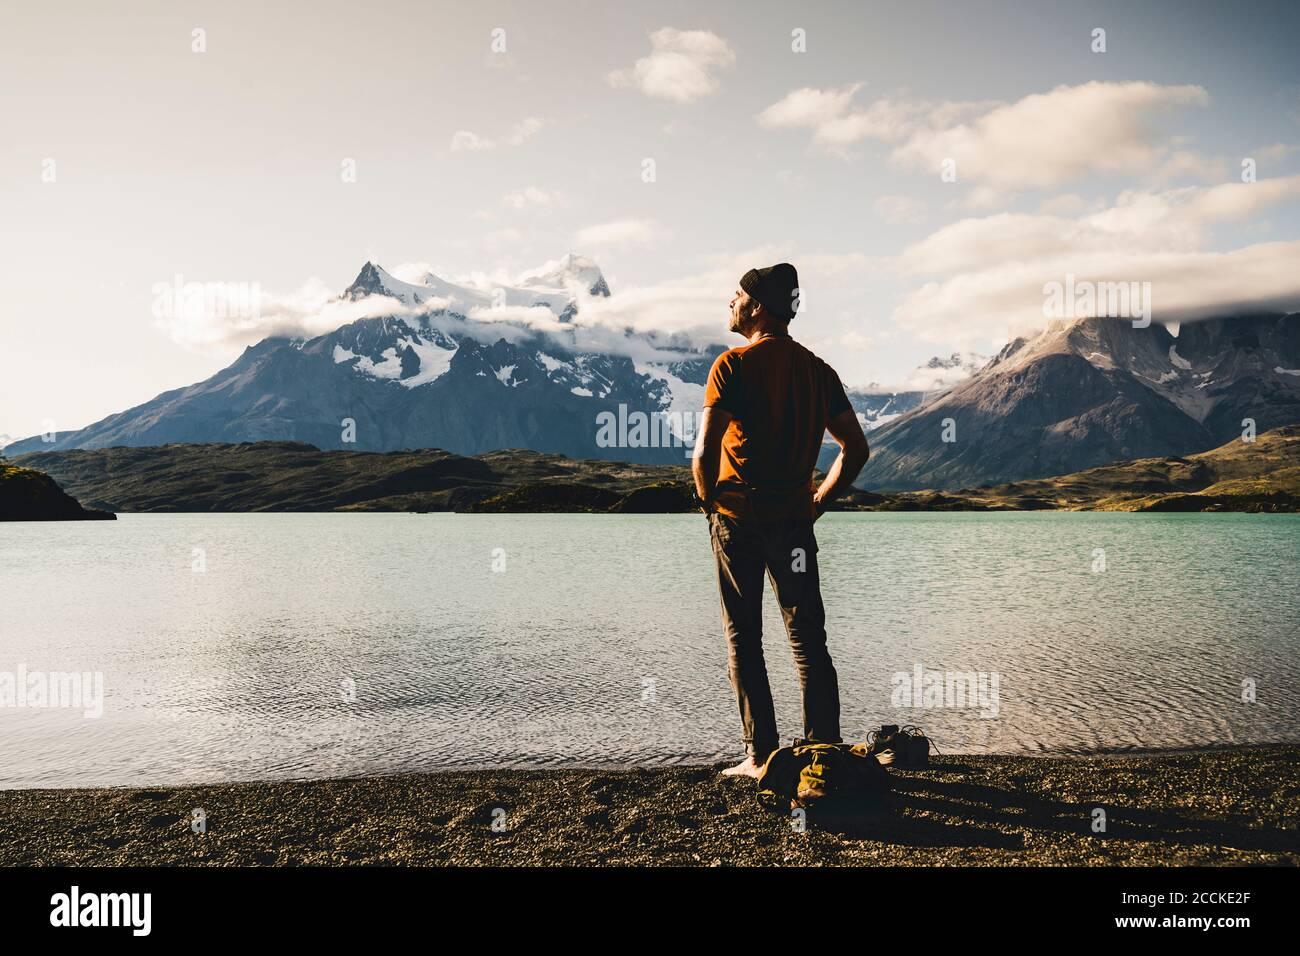 Homme debout au bord du lac Pehoe dans le parc national Torres Del Paine, Chili Patagonie, Amérique du Sud Banque D'Images